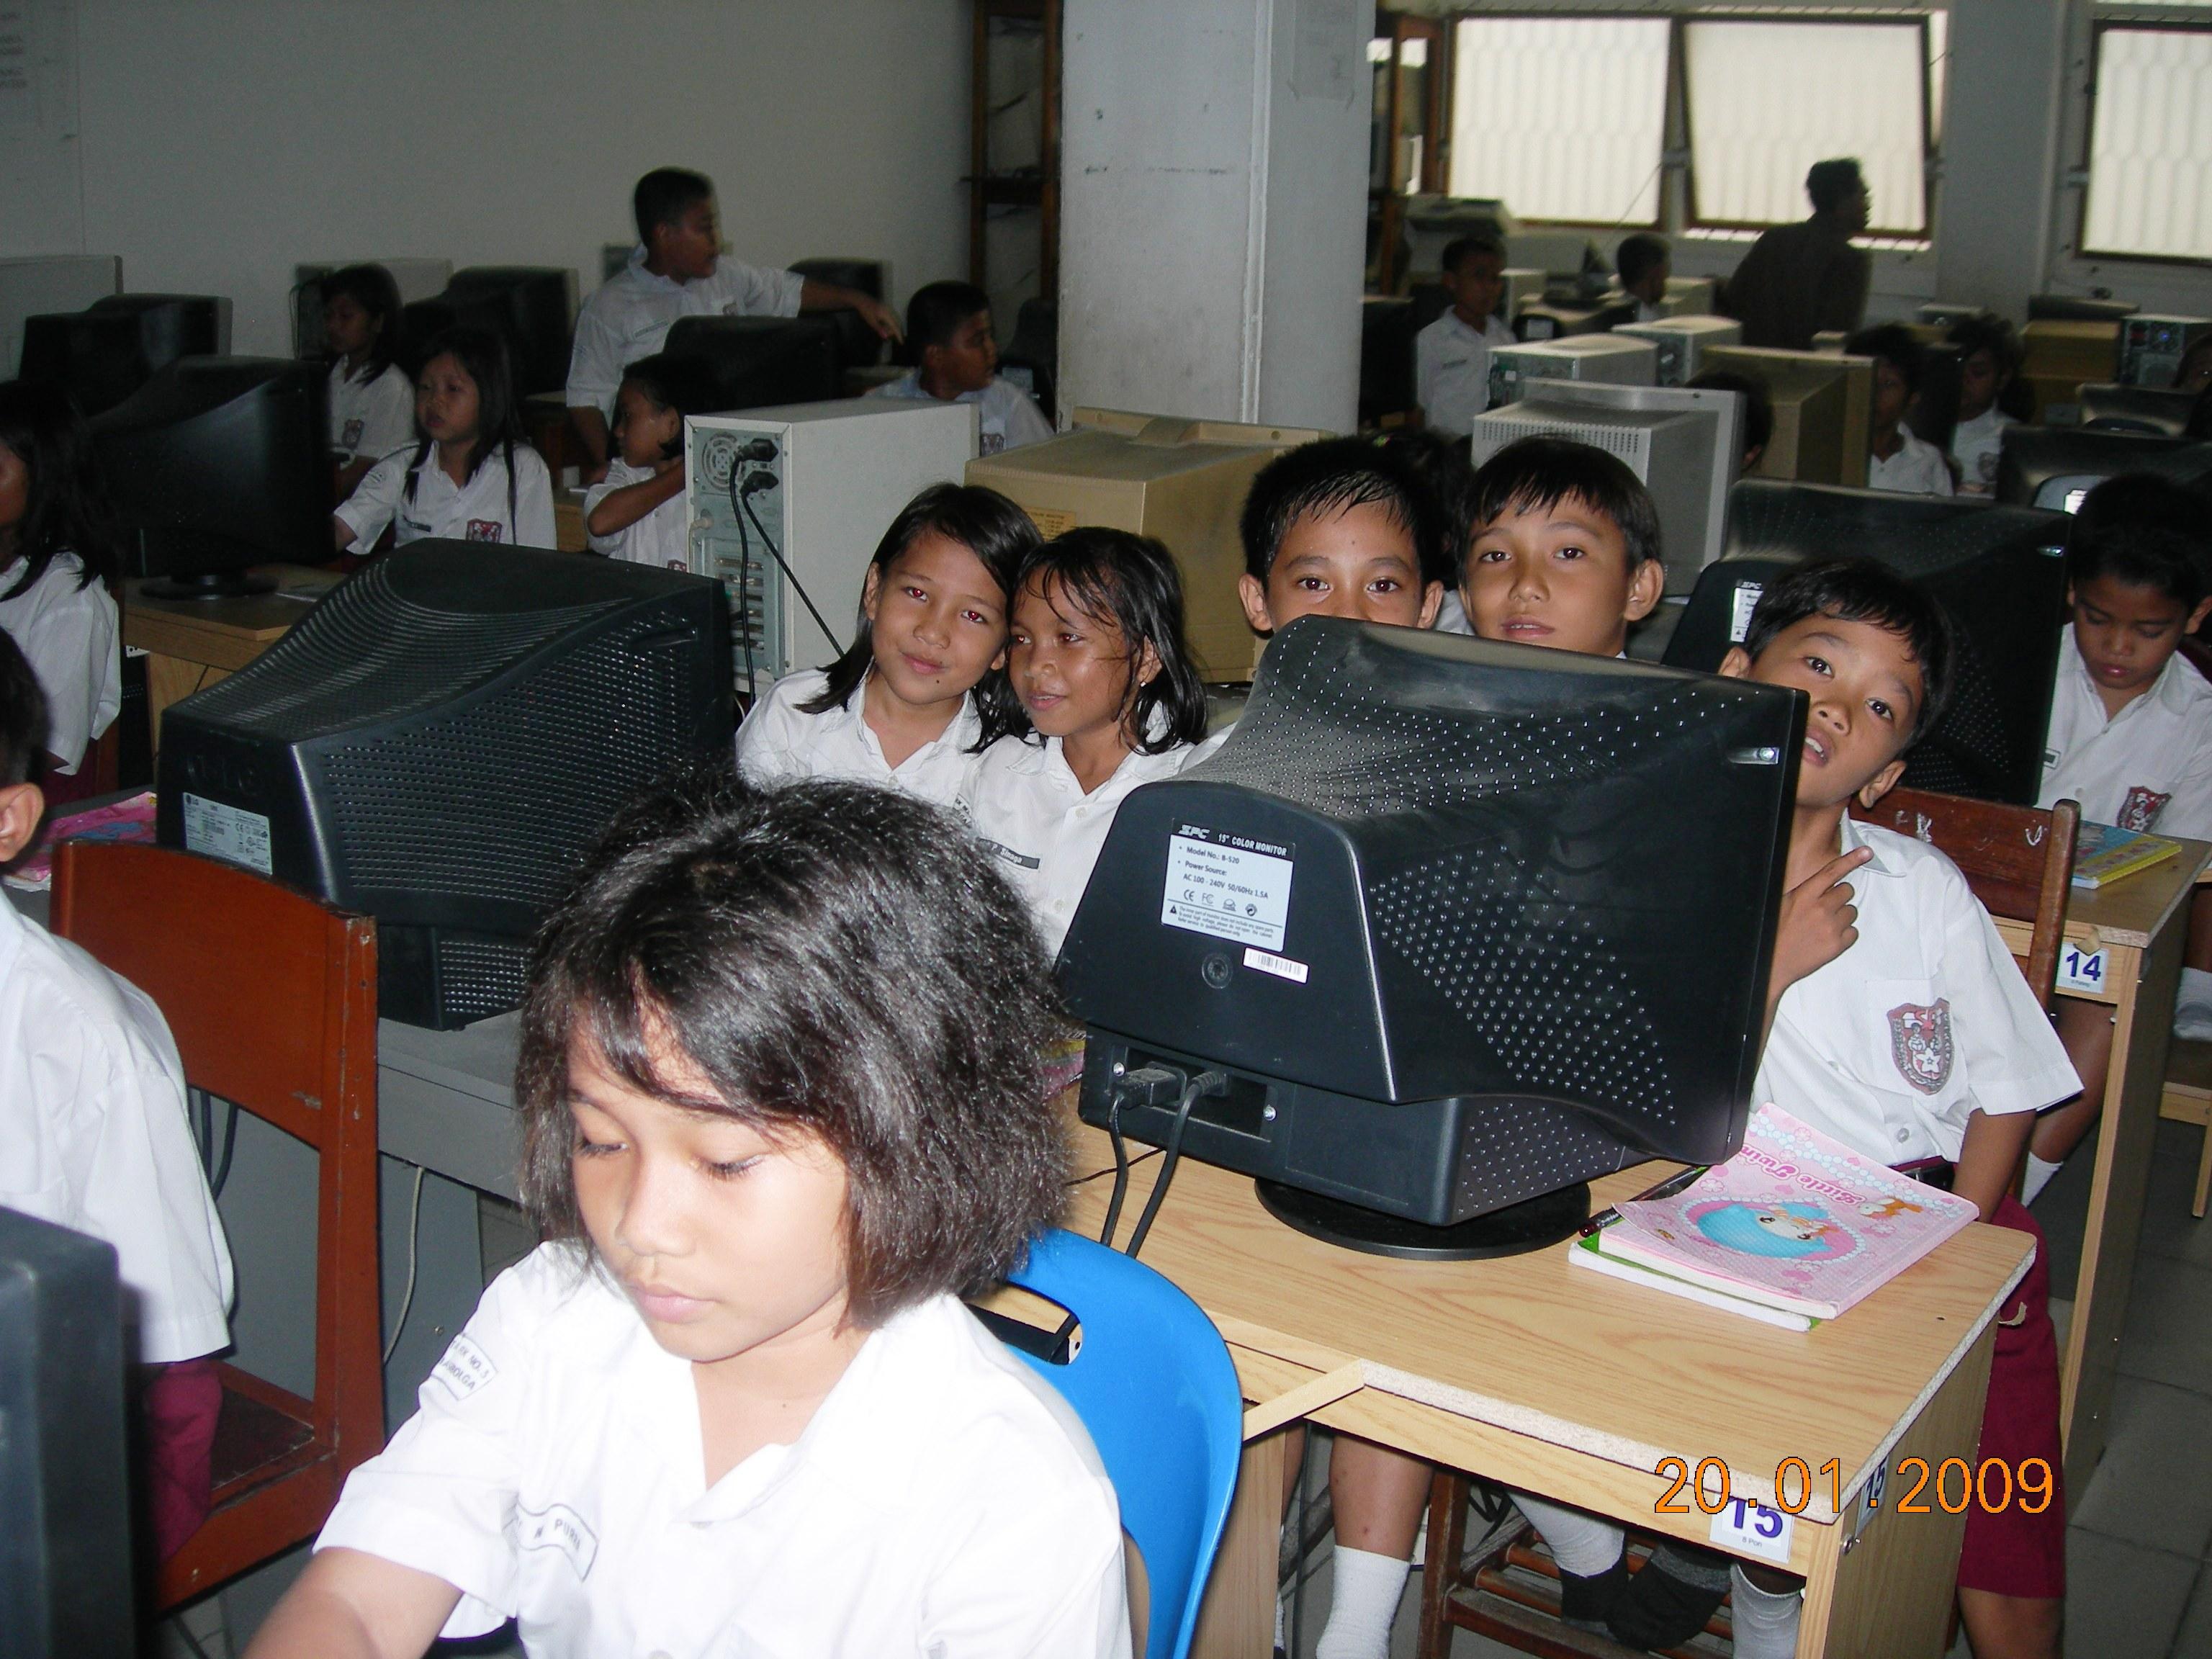 siswa-sd-rk-no2-sibolga-sedang-belajar-komputer-di ...